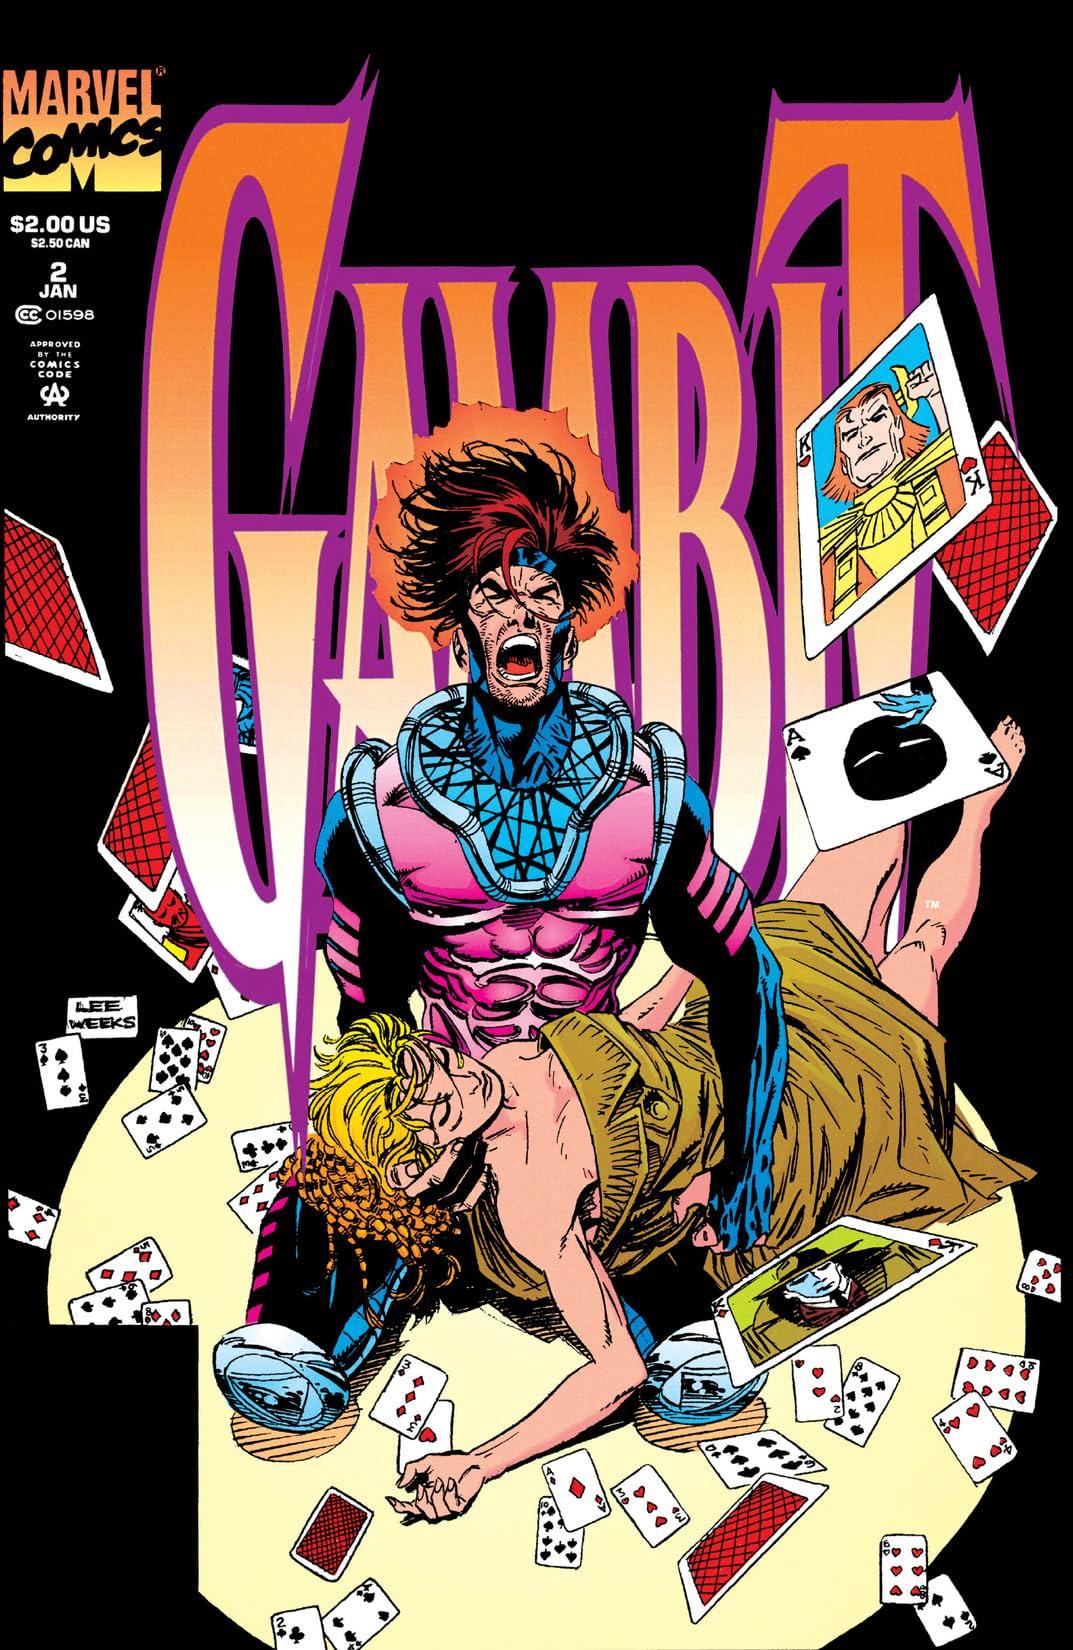 Gambit (1993-1994) #2 (of 4)